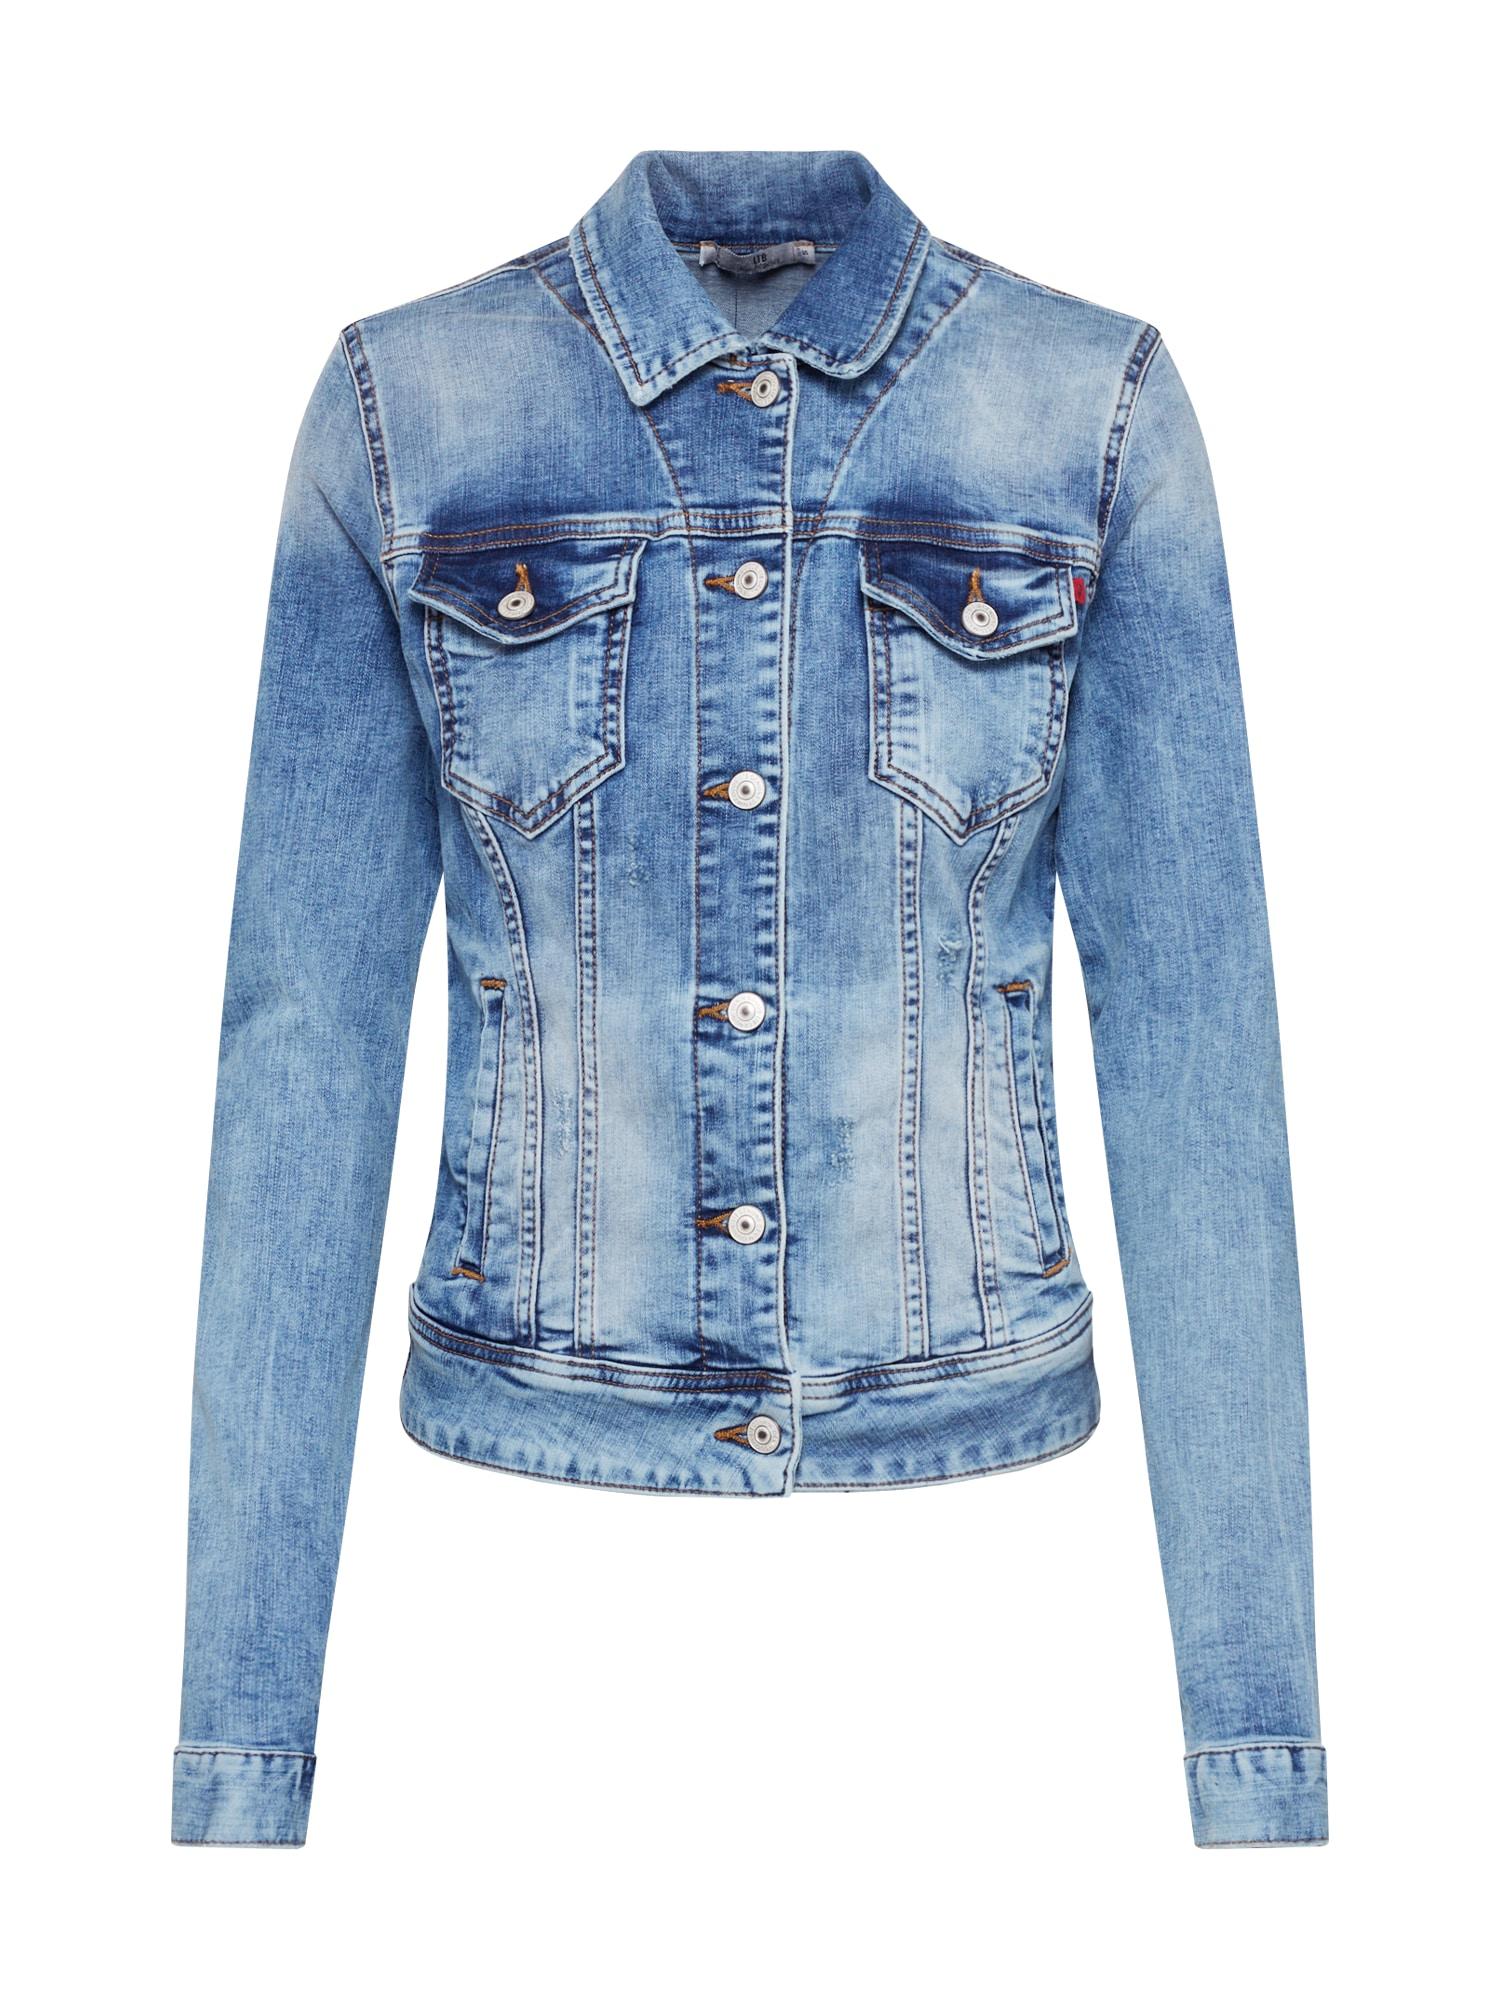 LTB Demisezoninė striukė 'Dean x Jacket' tamsiai (džinso) mėlyna